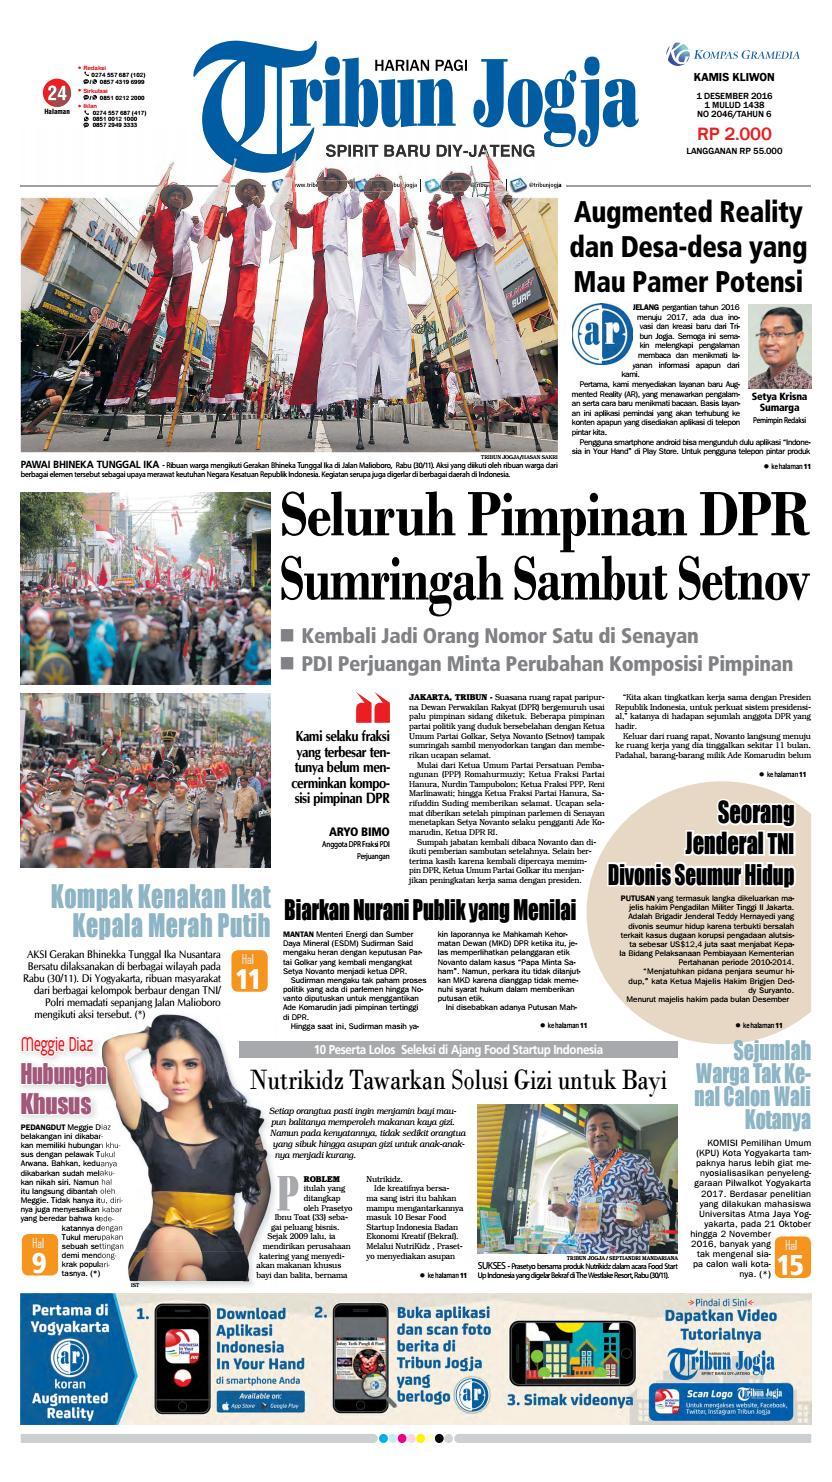 Tribunjogja 01 12 2016 By Tribun Jogja Issuu Produk Ukm Bumn Pusaka Coffee 15 Pcs Kopi Herbal Nusantara Free Ongkir Depok Ampamp Jakarta